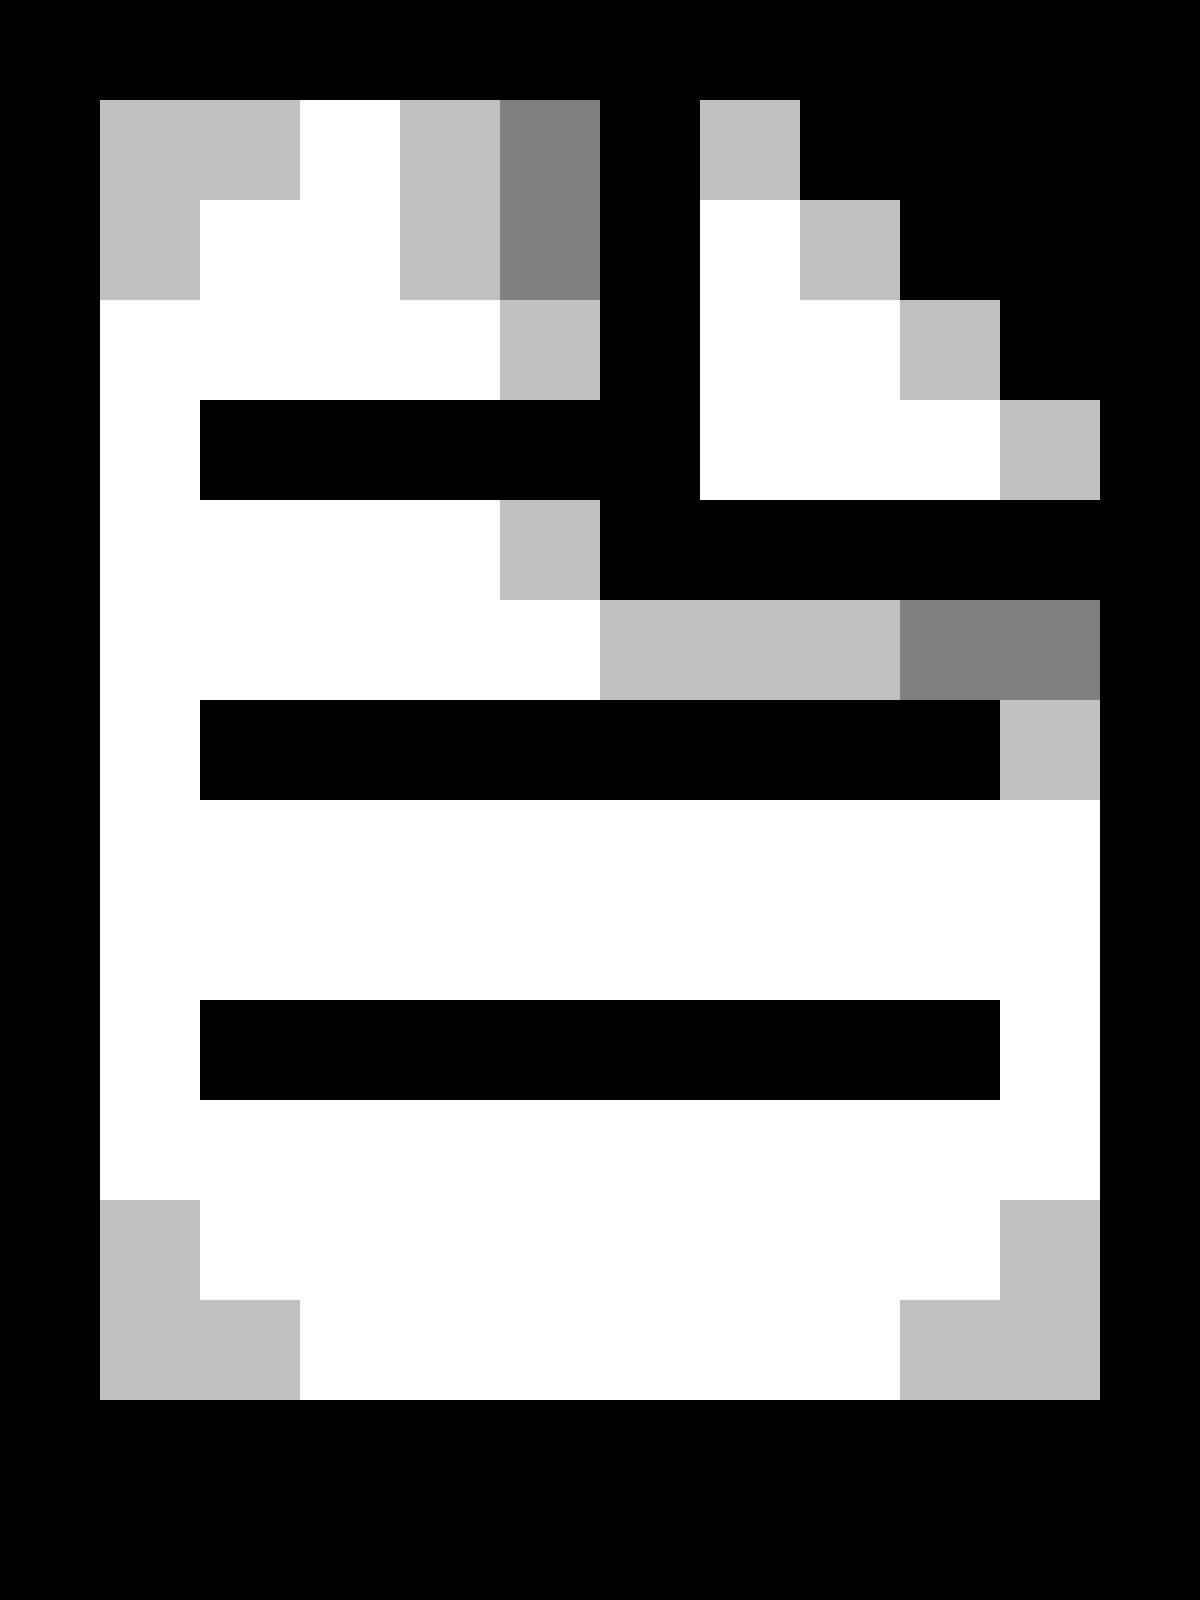 The Windows 95 file icon, redrawn